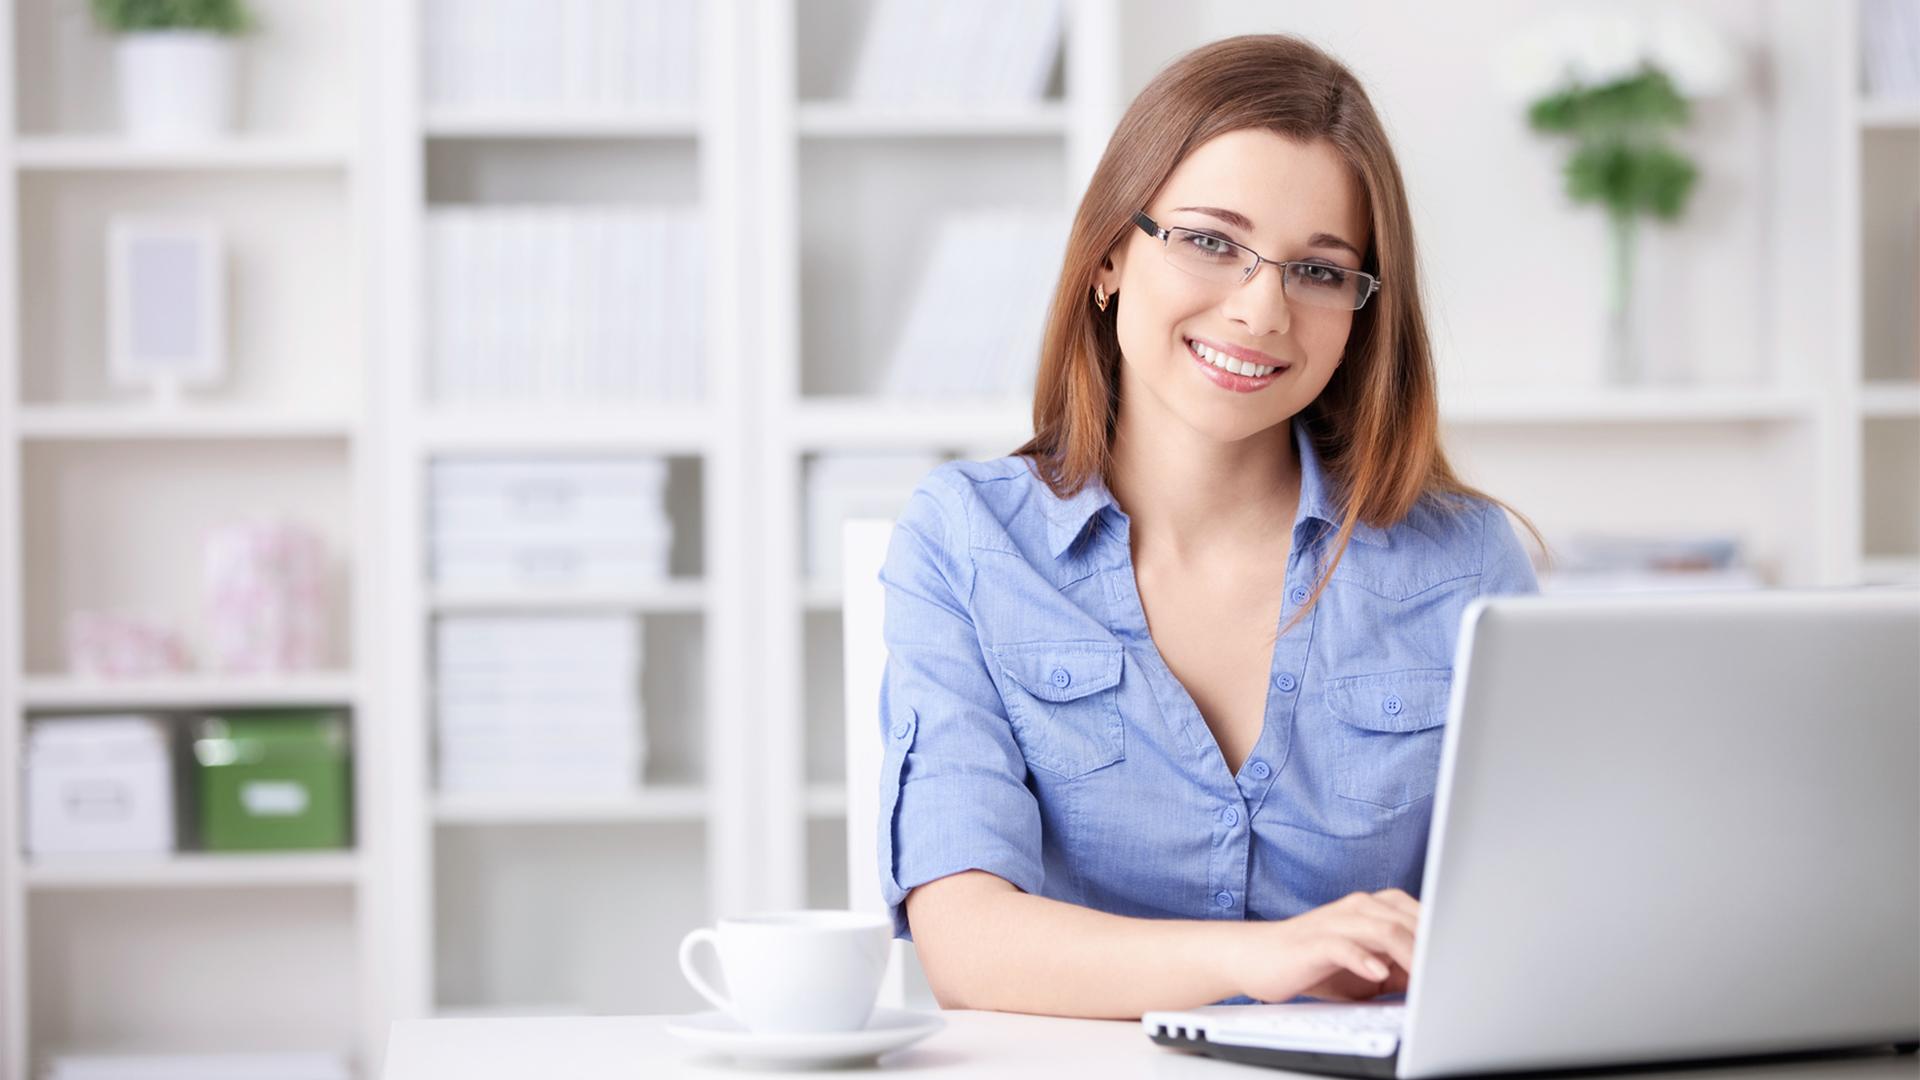 cum să faci bani rapid pentru cei care nu cunosc computerul